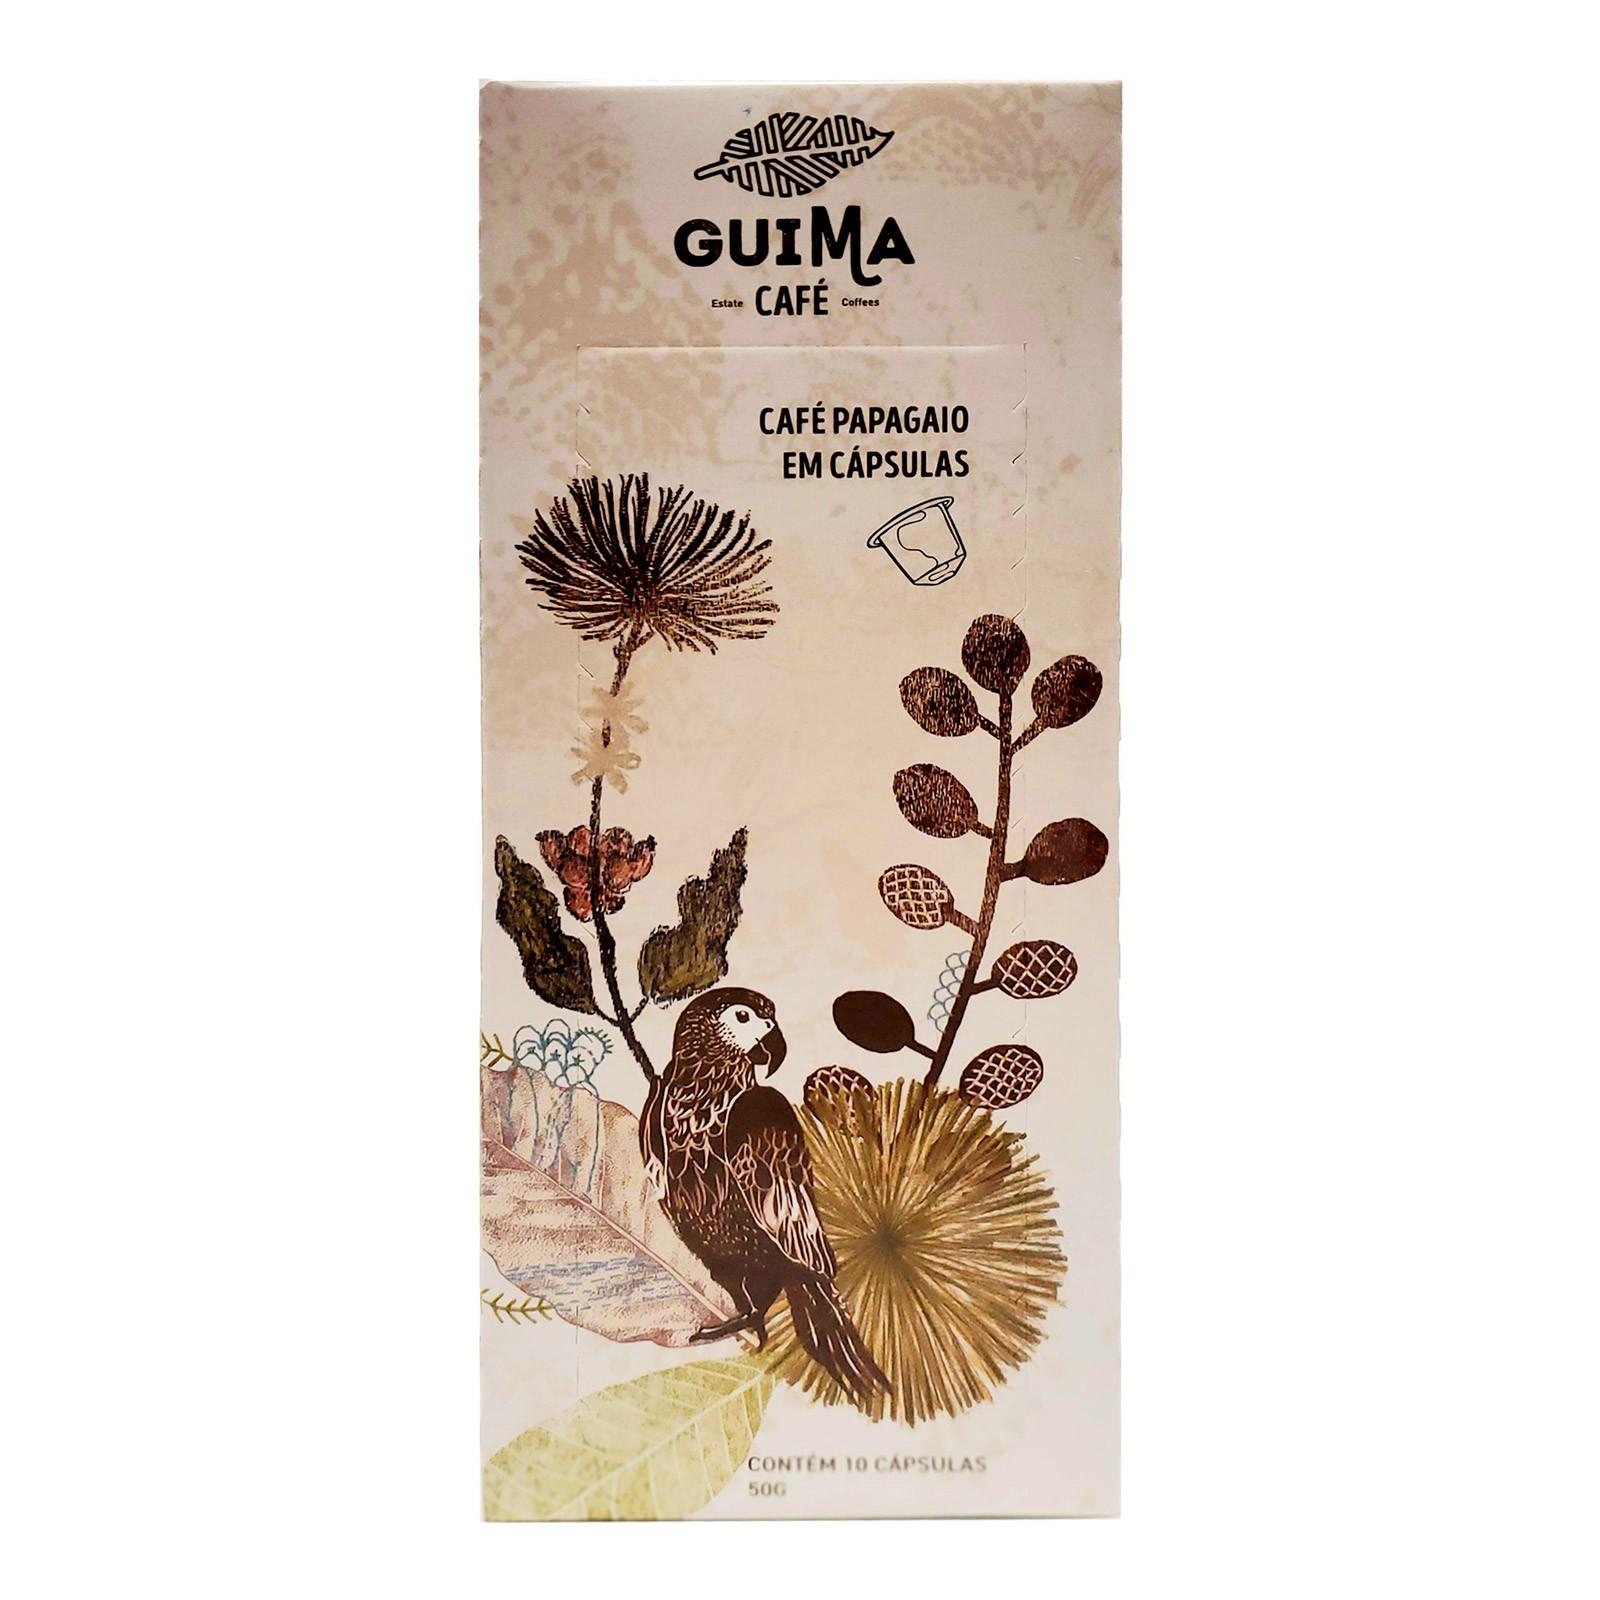 Guima Café - Papagaio (Cápsulas)